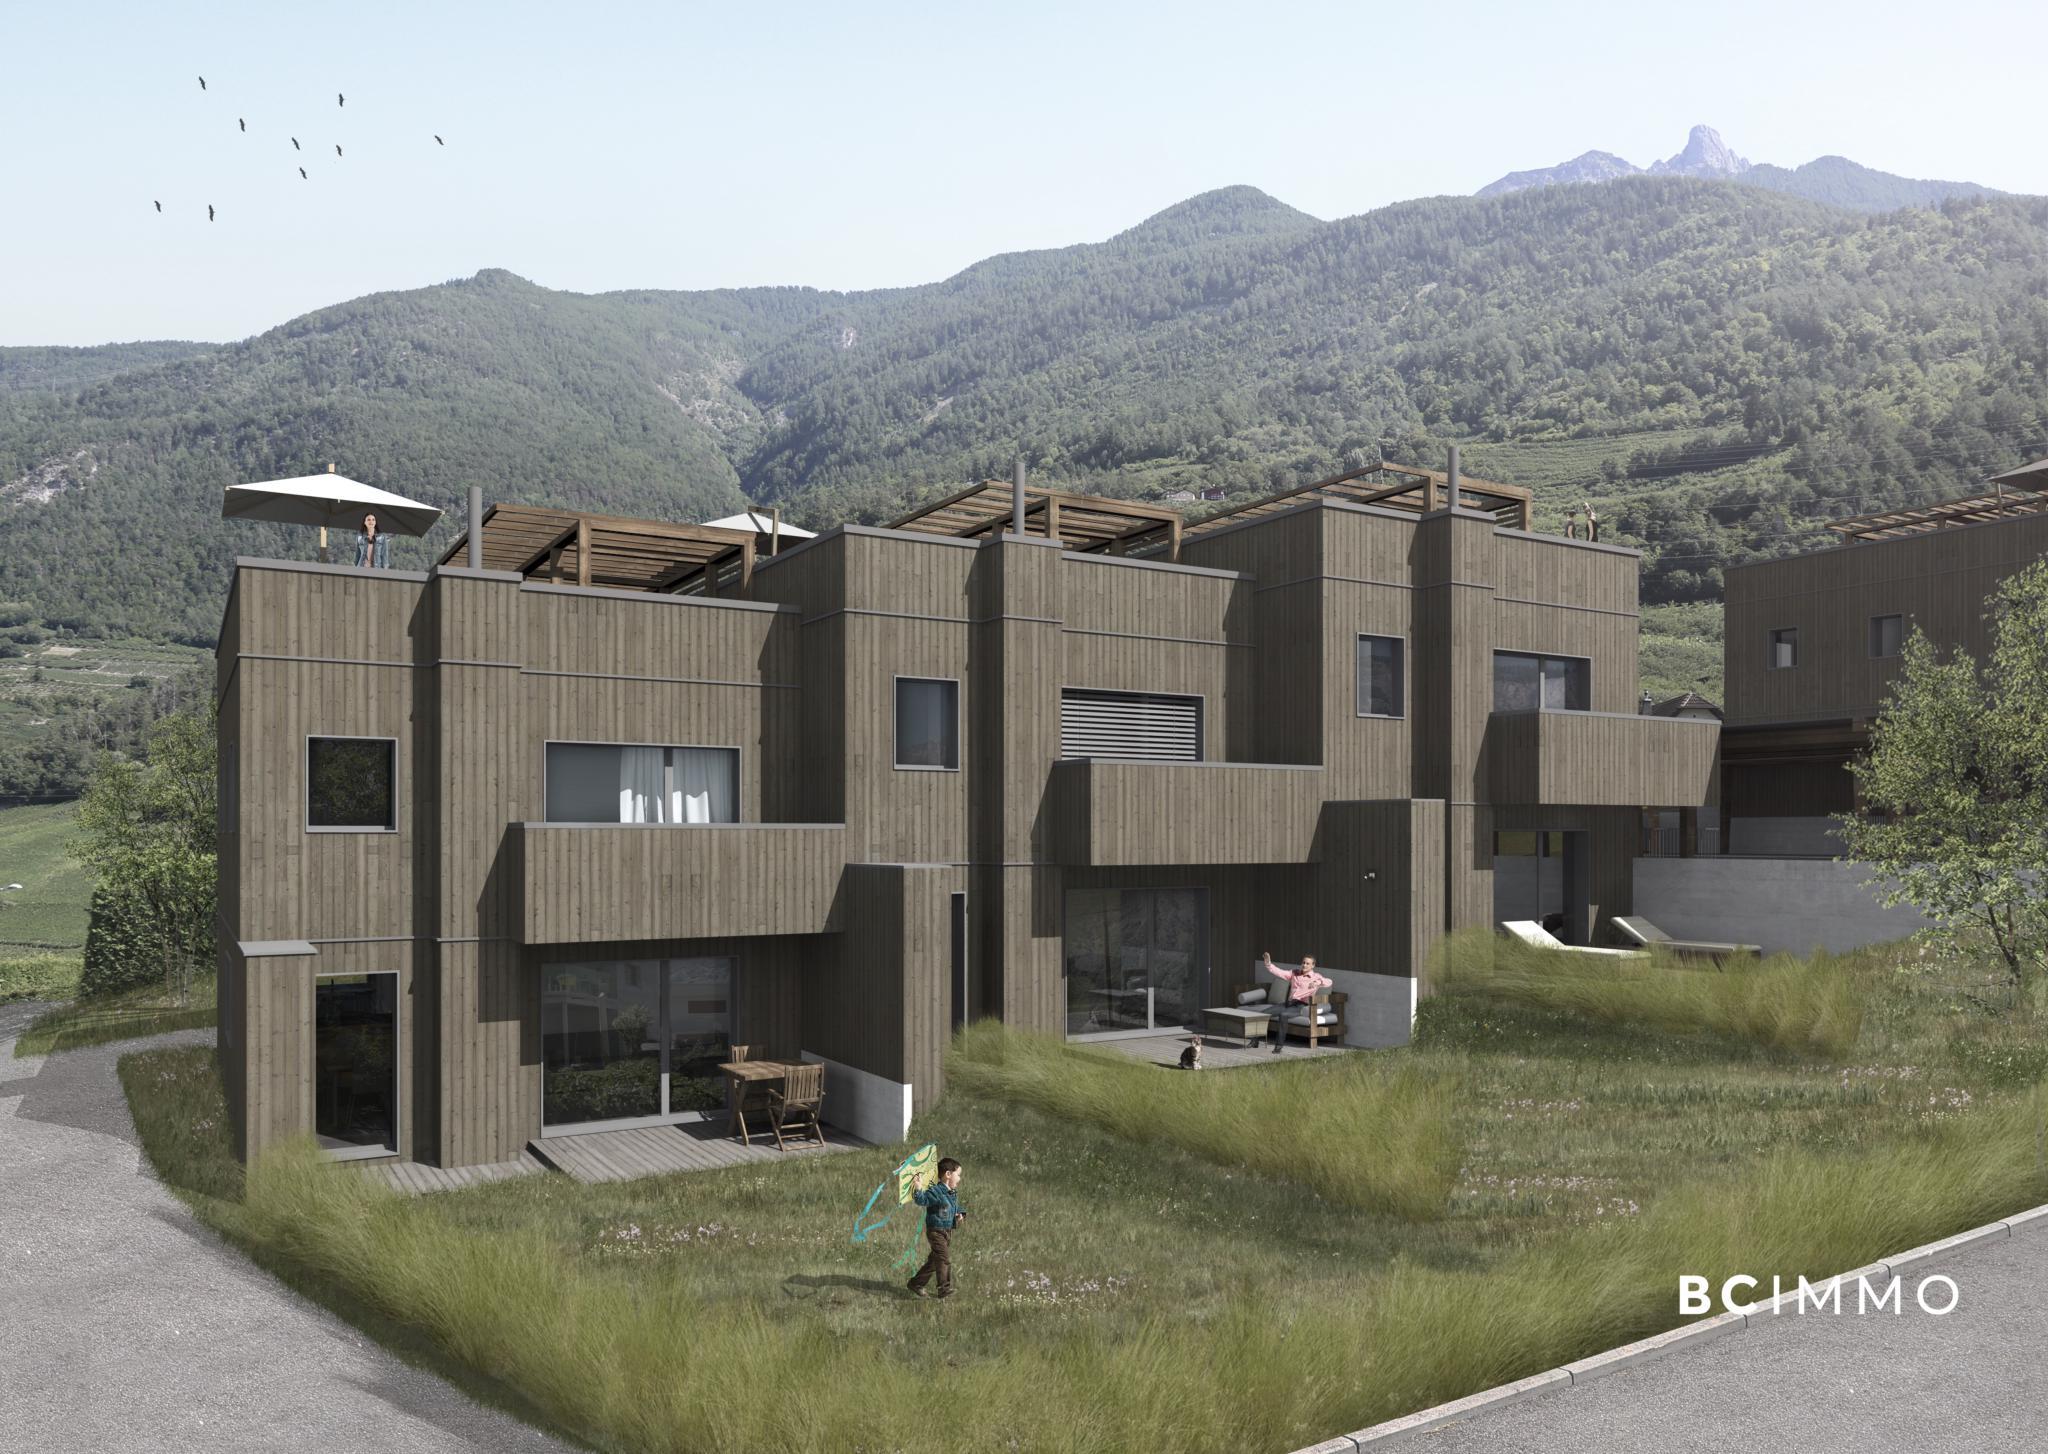 BC Immo - Villa neuve avec terrasse sur le toit et jardin - LTDS2GS